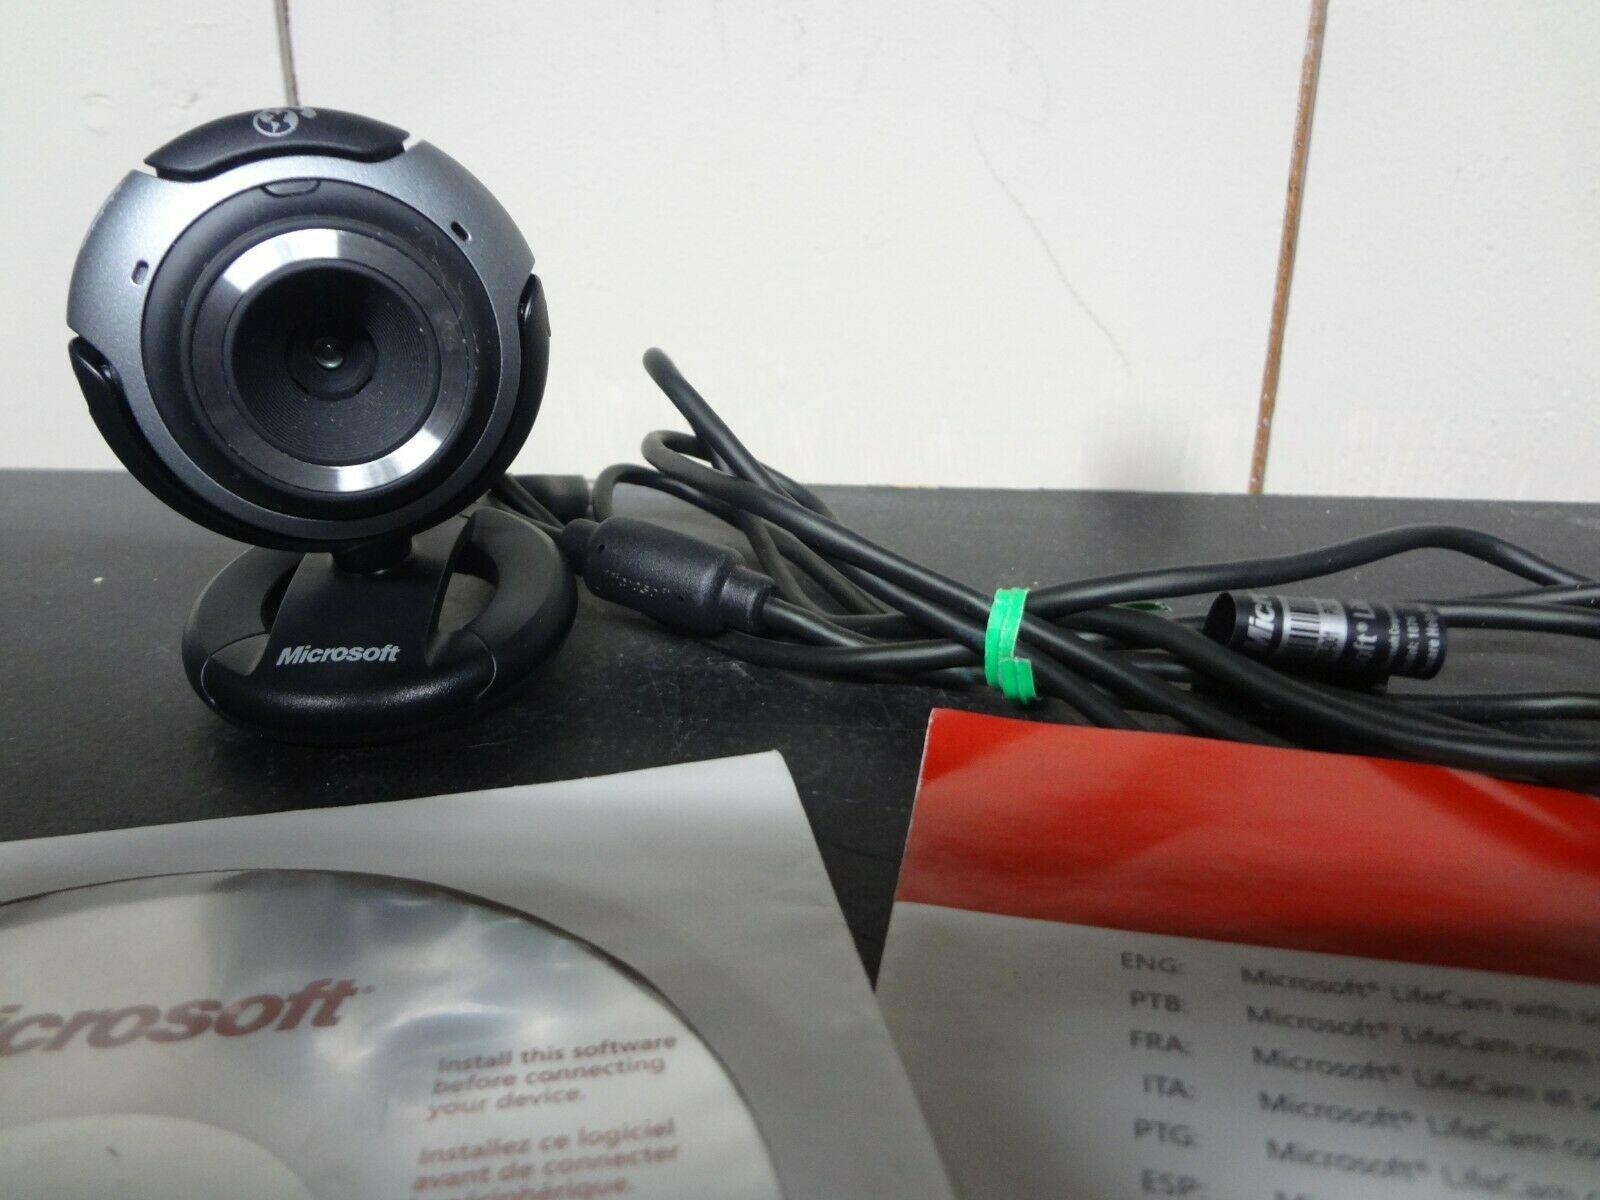 Microsoft Lifecam 1 4 WebCam and similar items